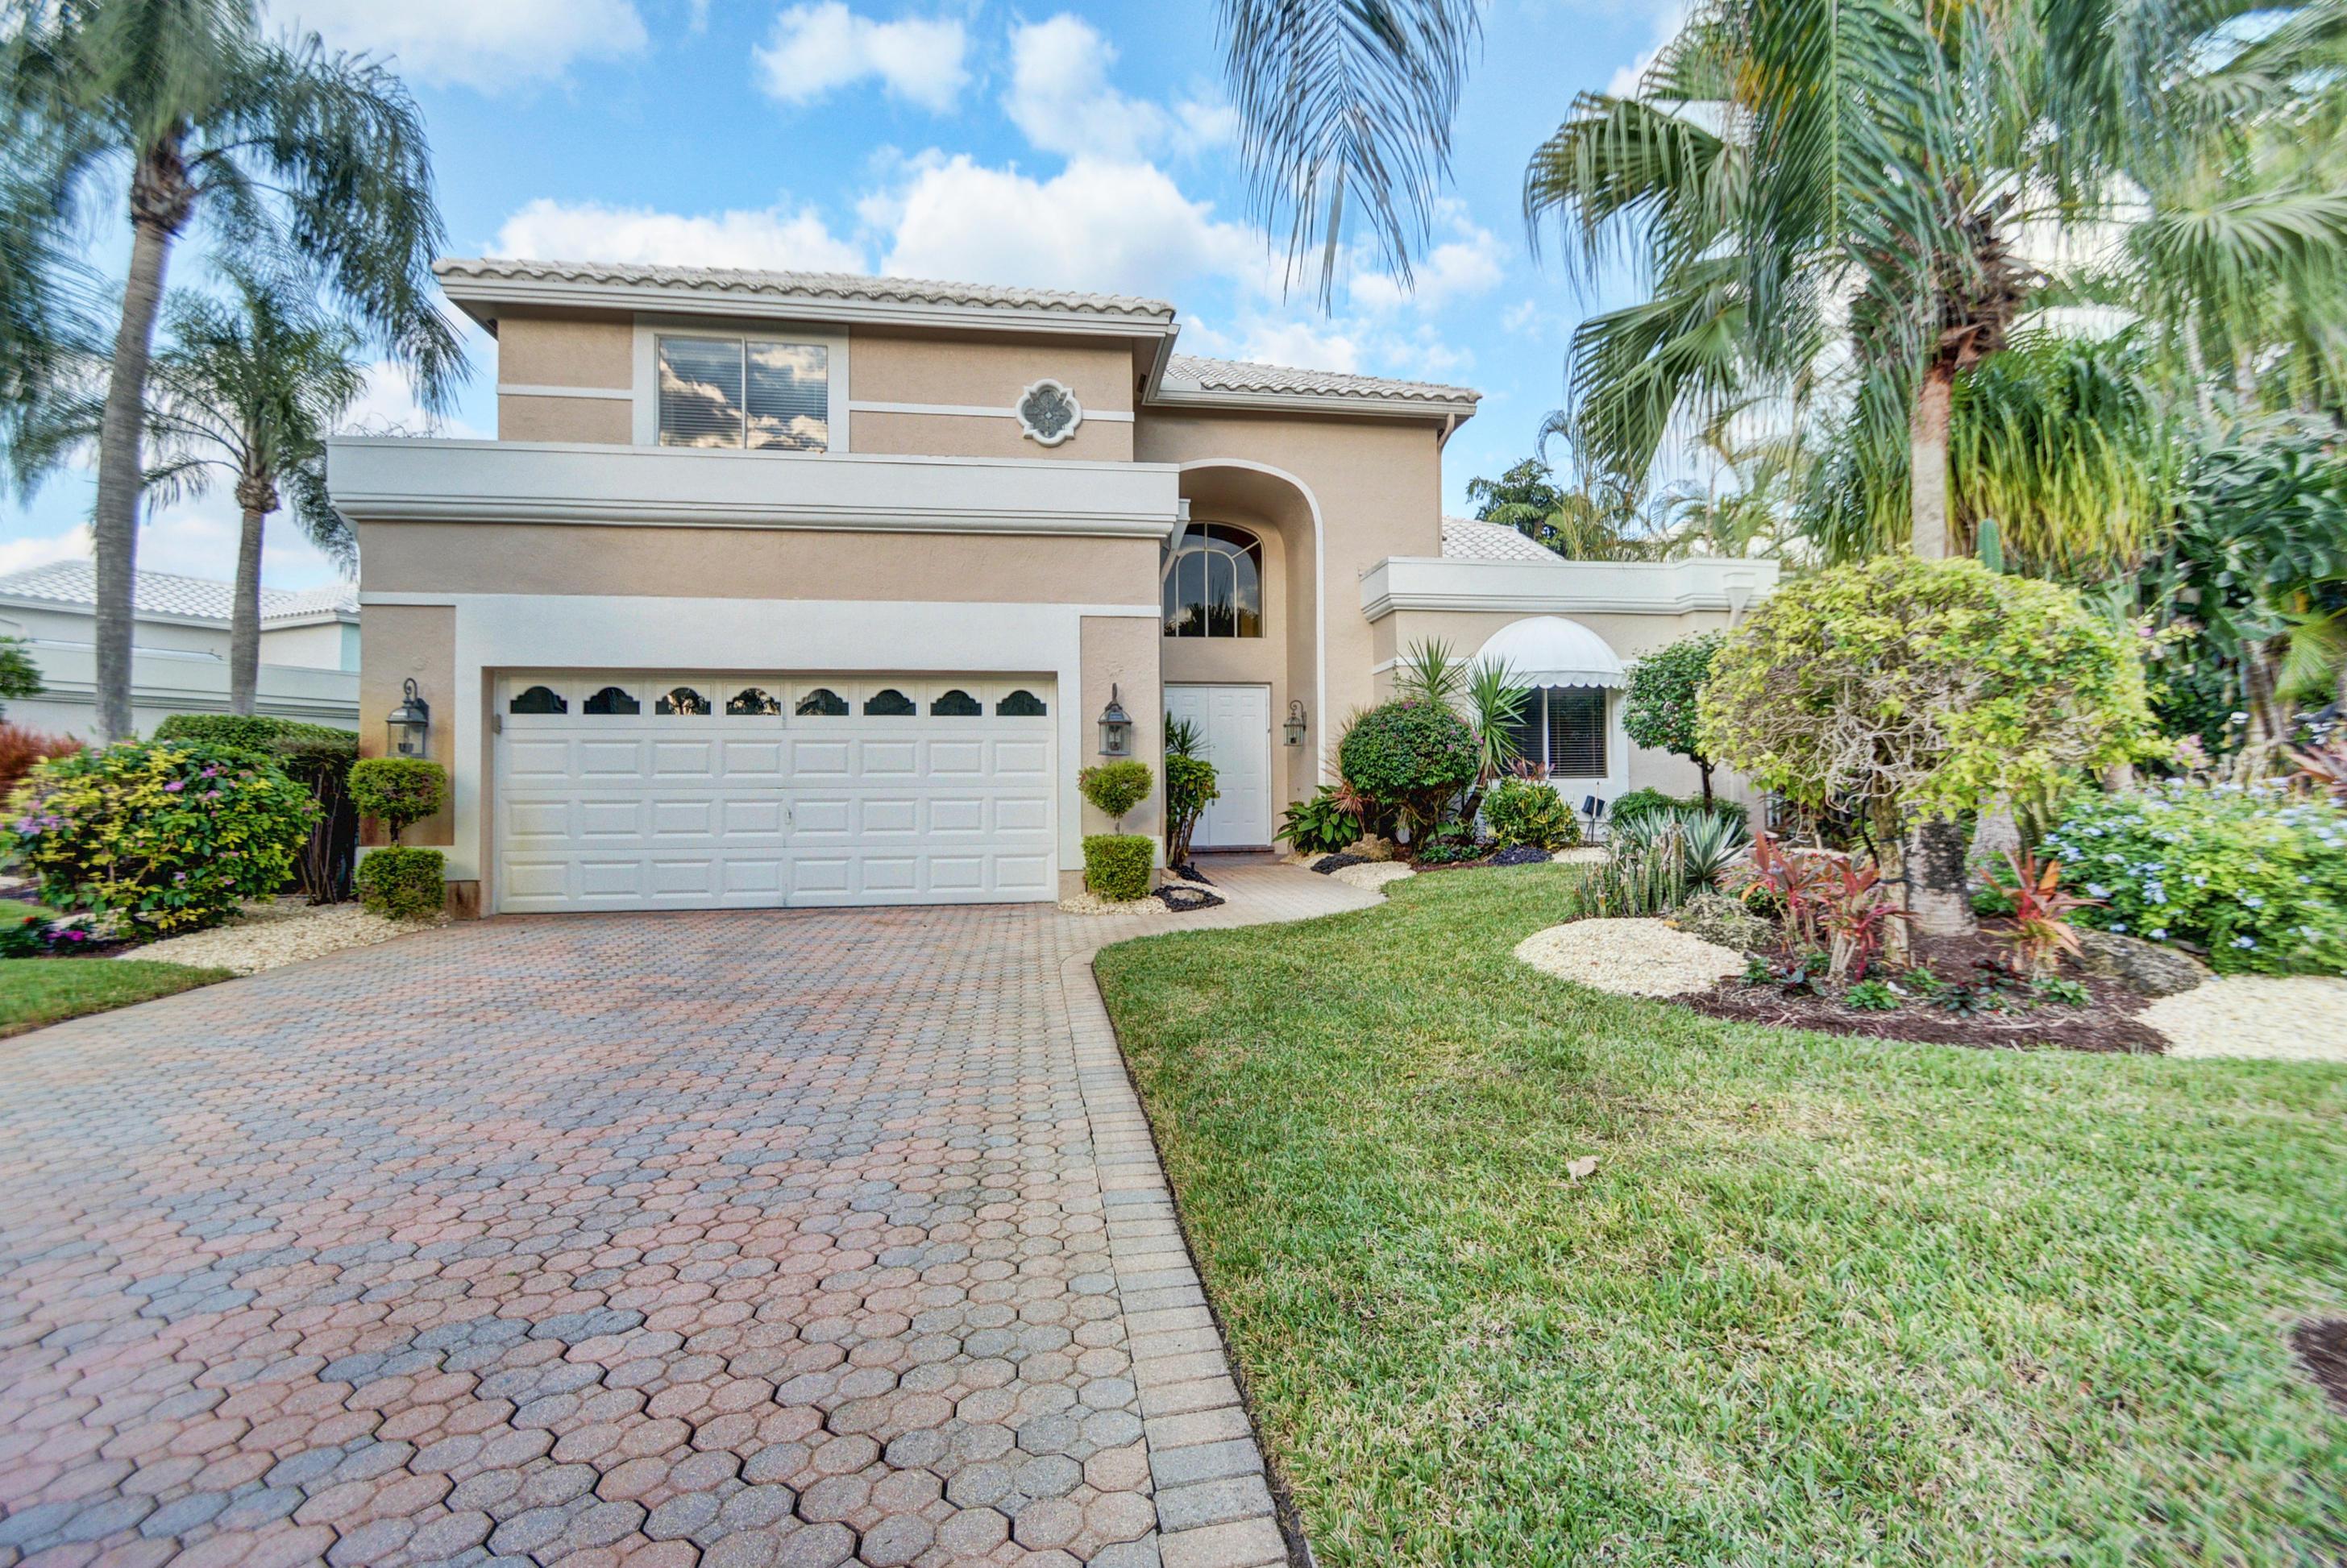 5831 Bridleway Circle Boca Raton, FL 33496